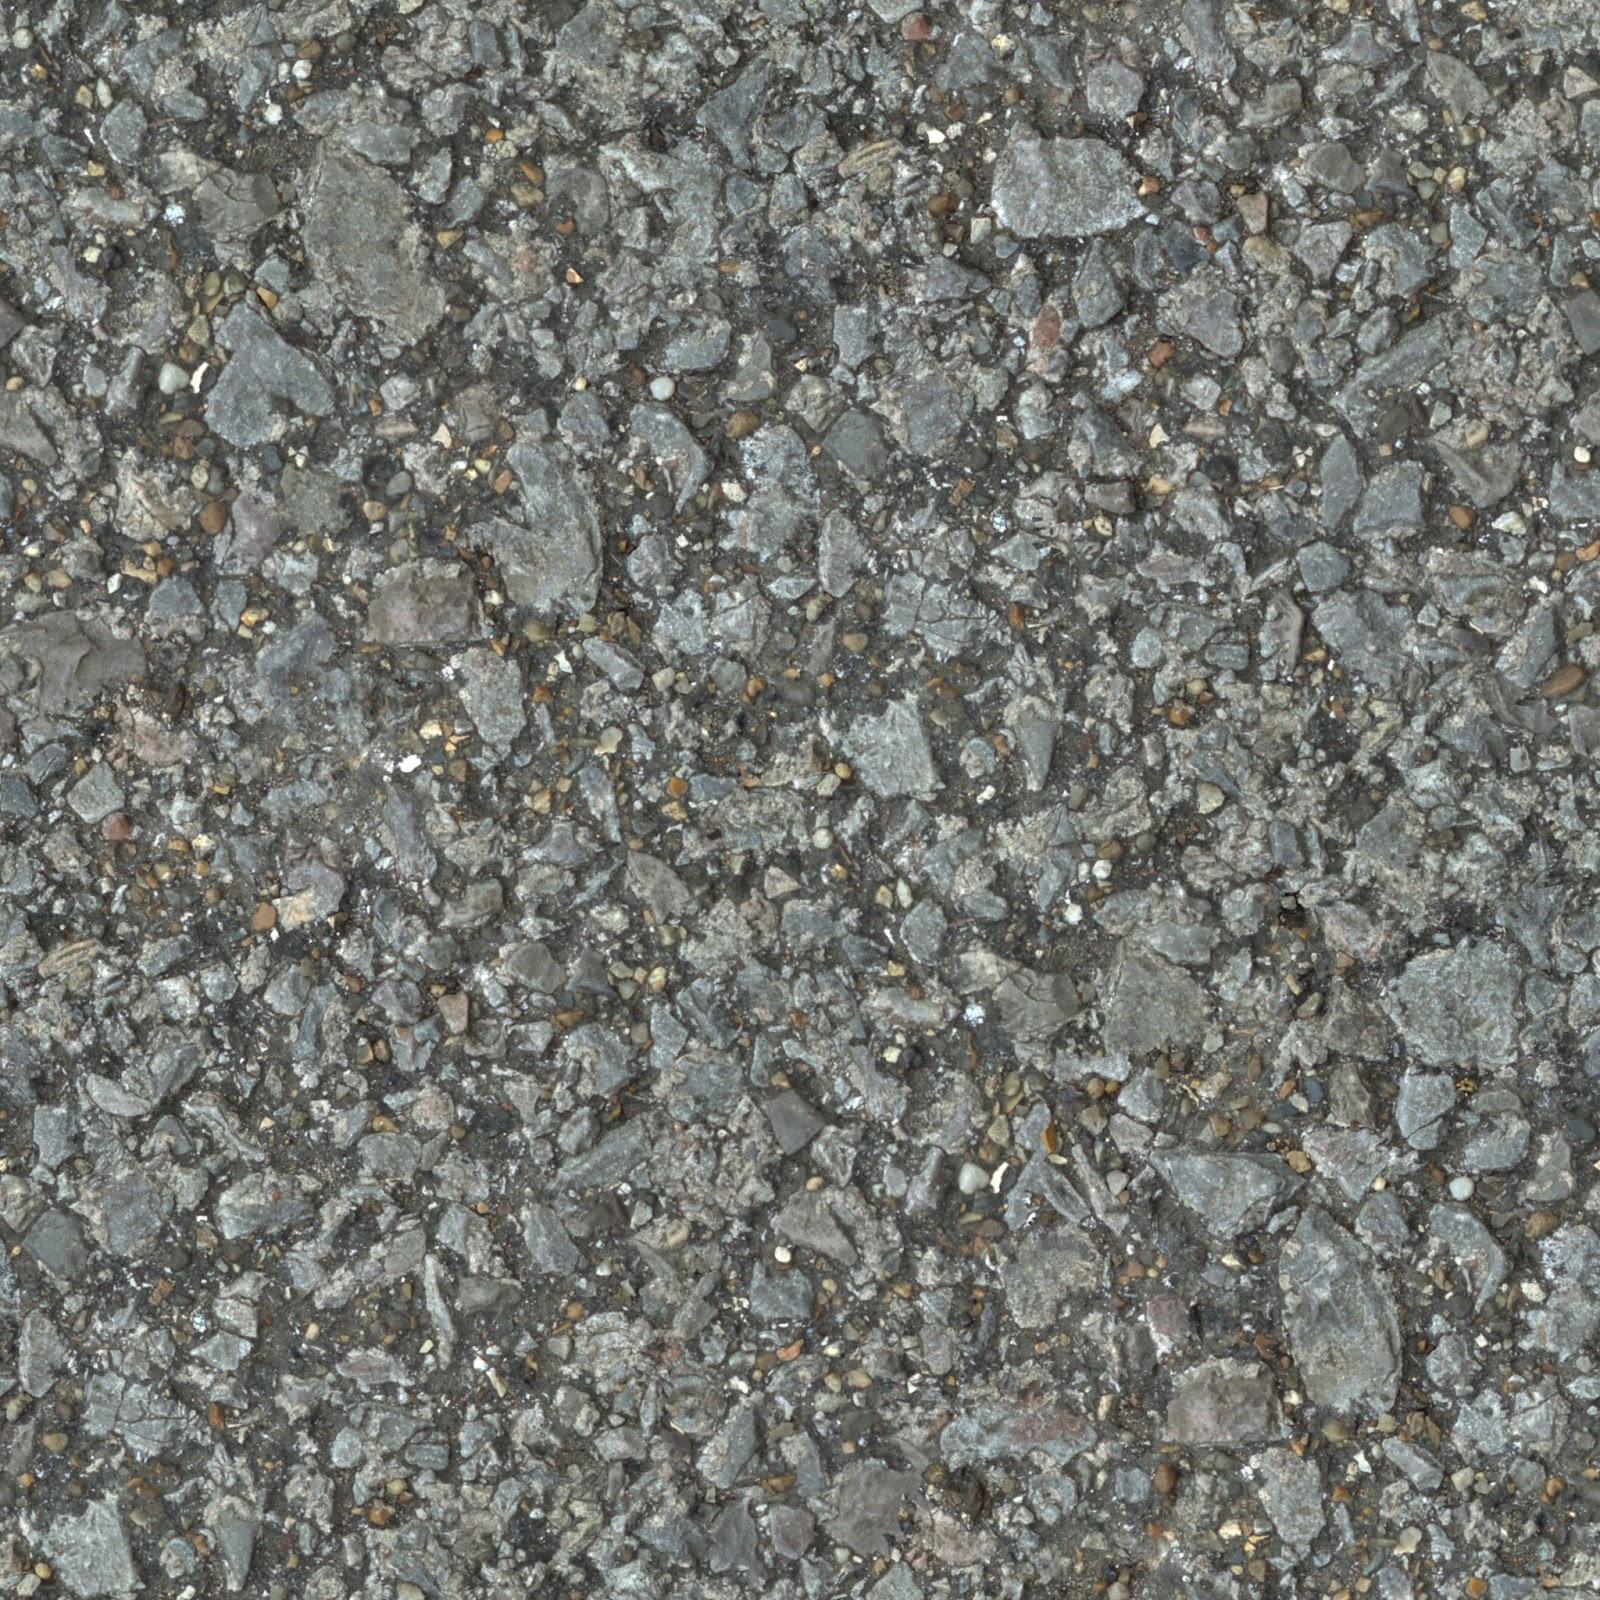 (PEBBLESTONE 3) concrete cobble ground gravel floor seamless texture 2048x2048